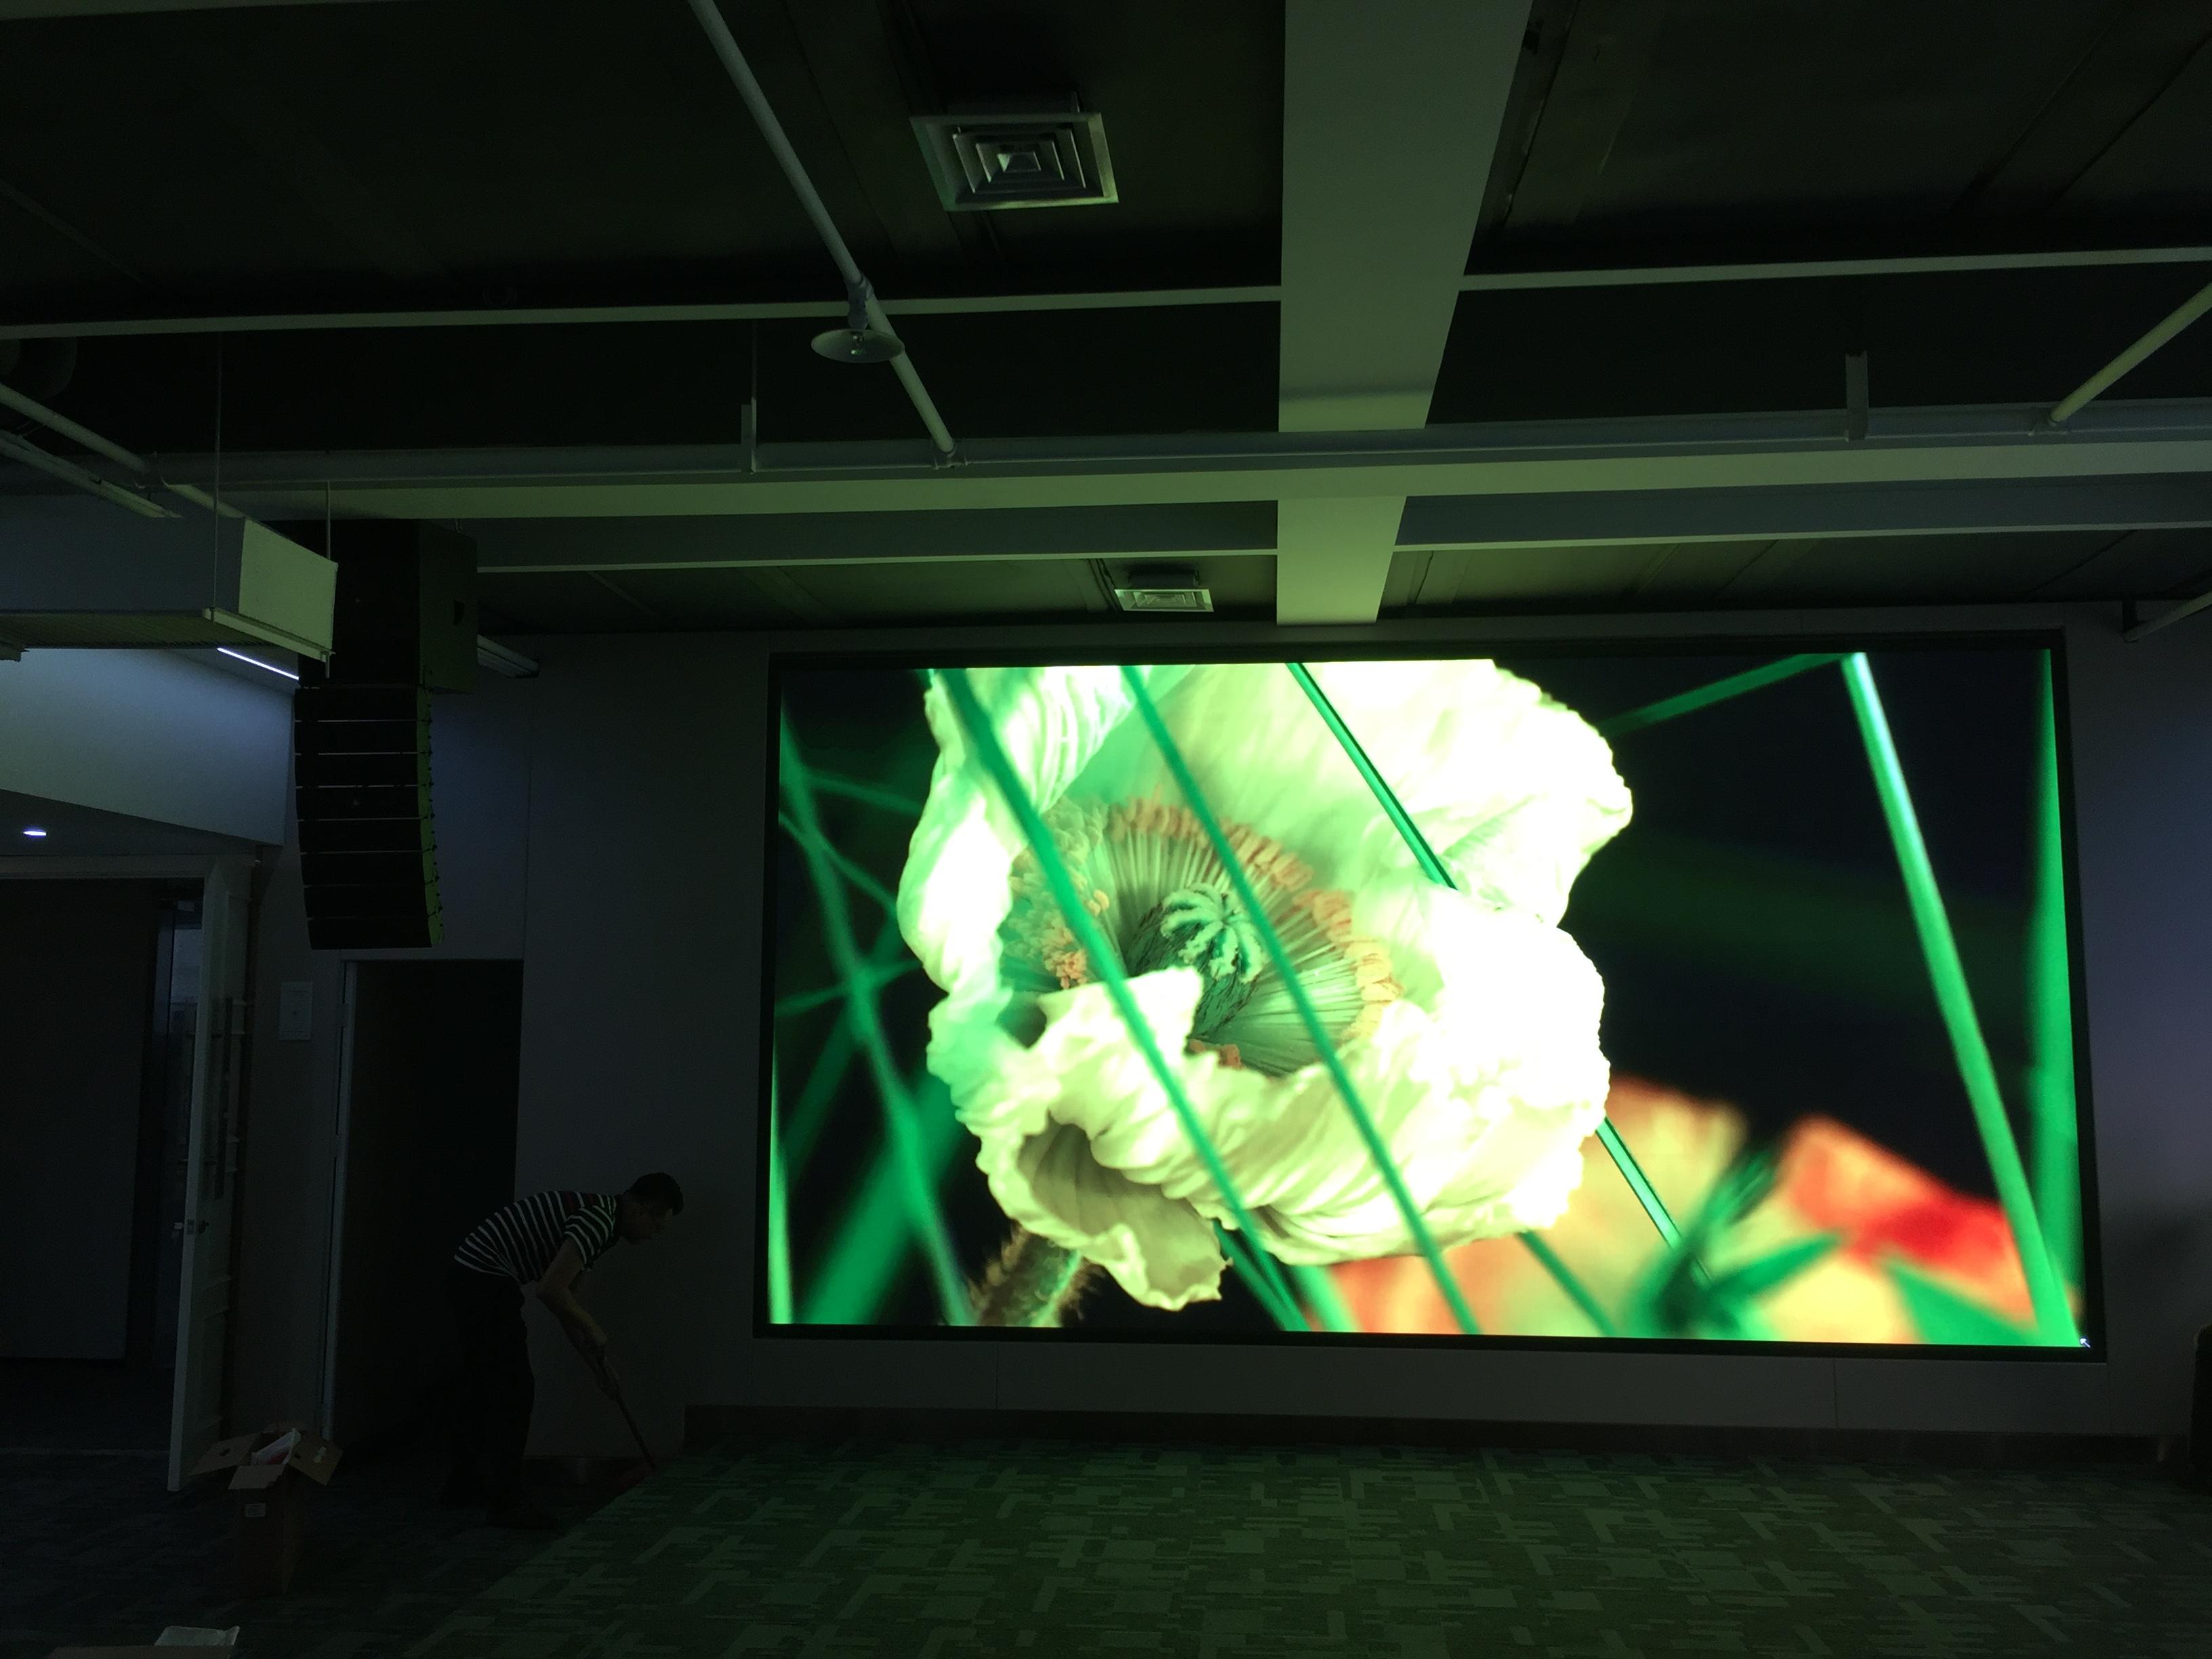 郑州凯旋广场某企业会议室高清P2全彩显示屏